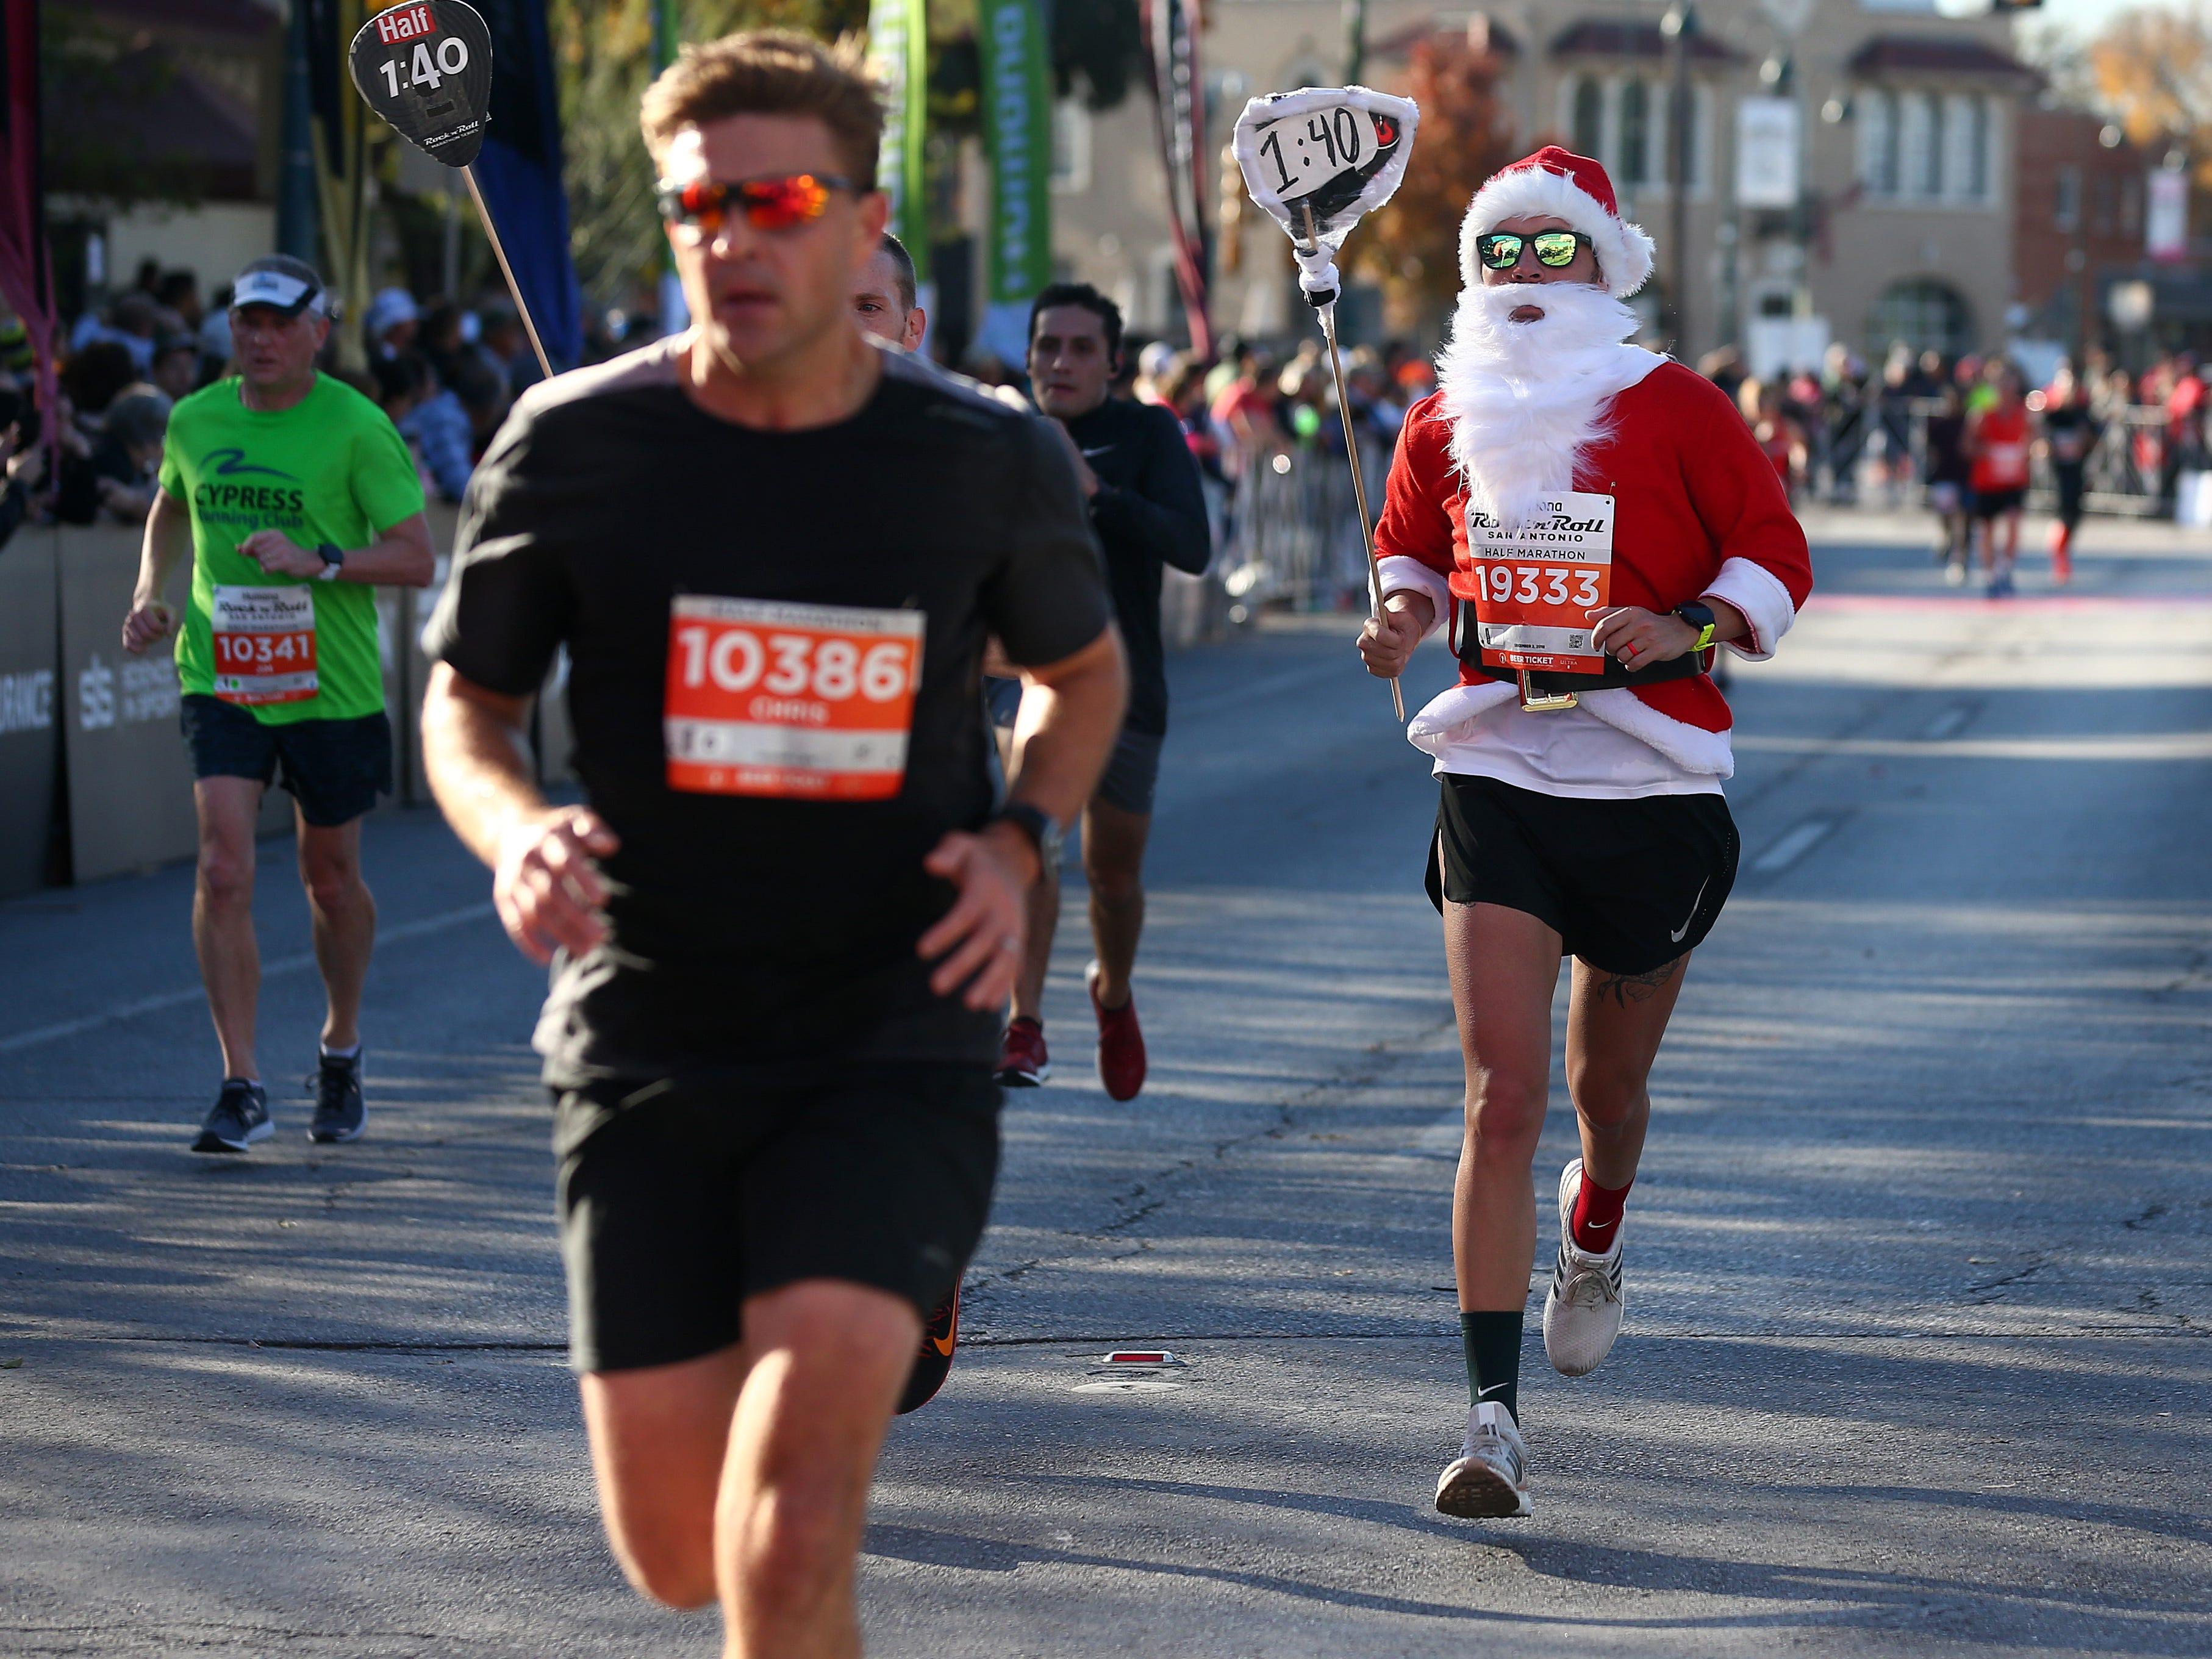 A participant dressed as Santa Claus runs during the Humana Rock 'n' Roll San Antonio Marathon & 1/2 Marathon on Dec. 02, 2018, in San Antonio, Texas.